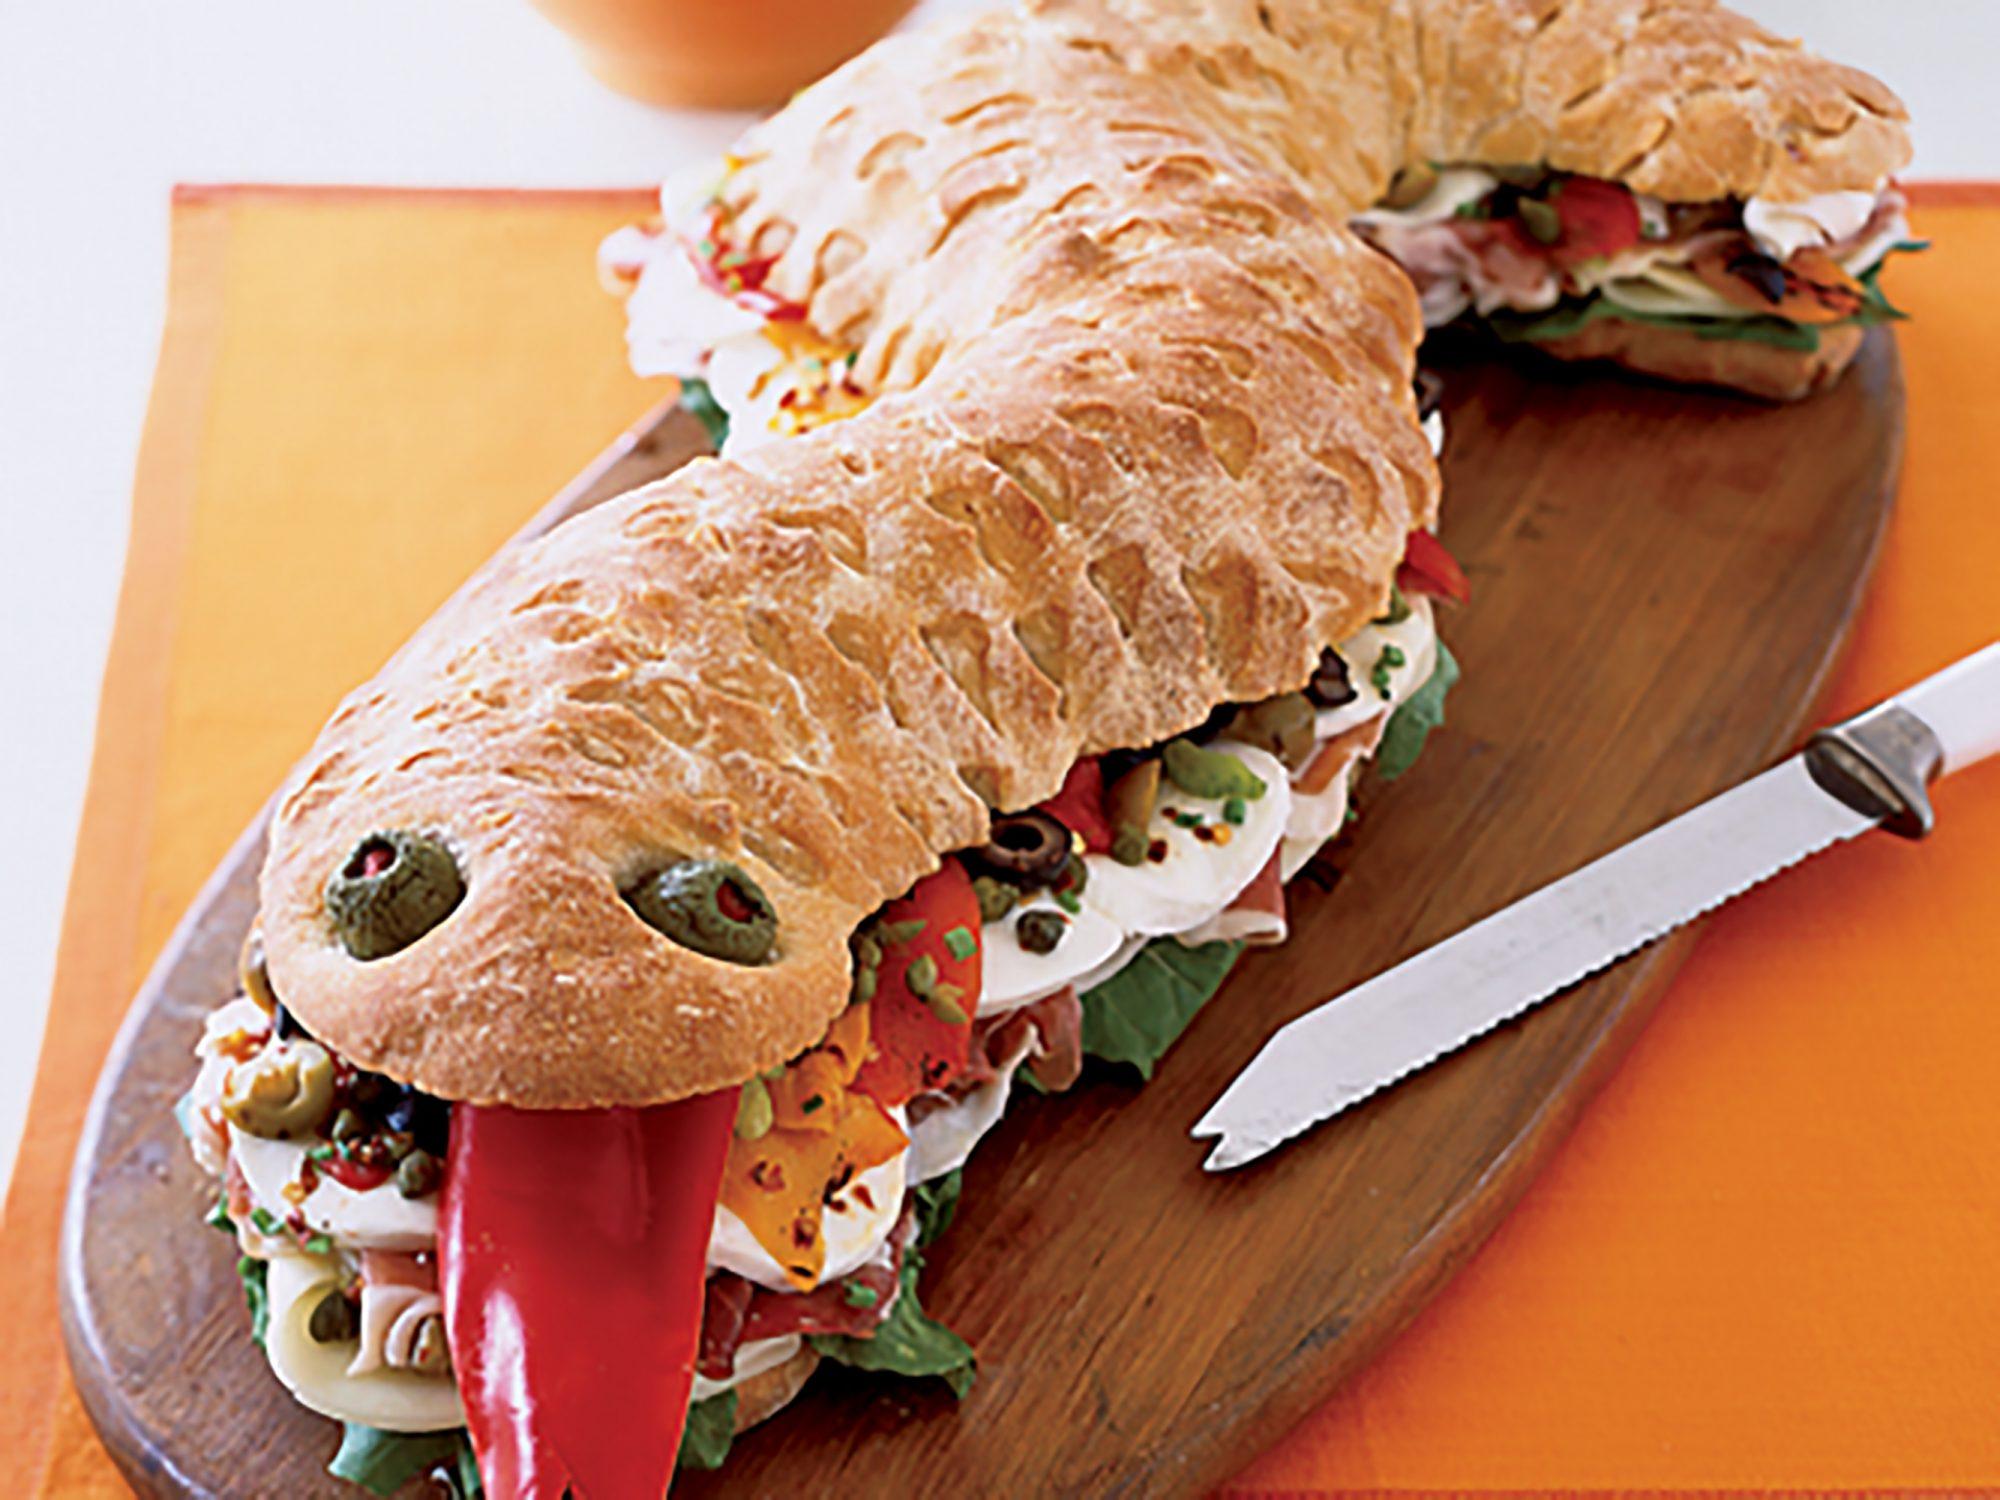 Snake Sandwich